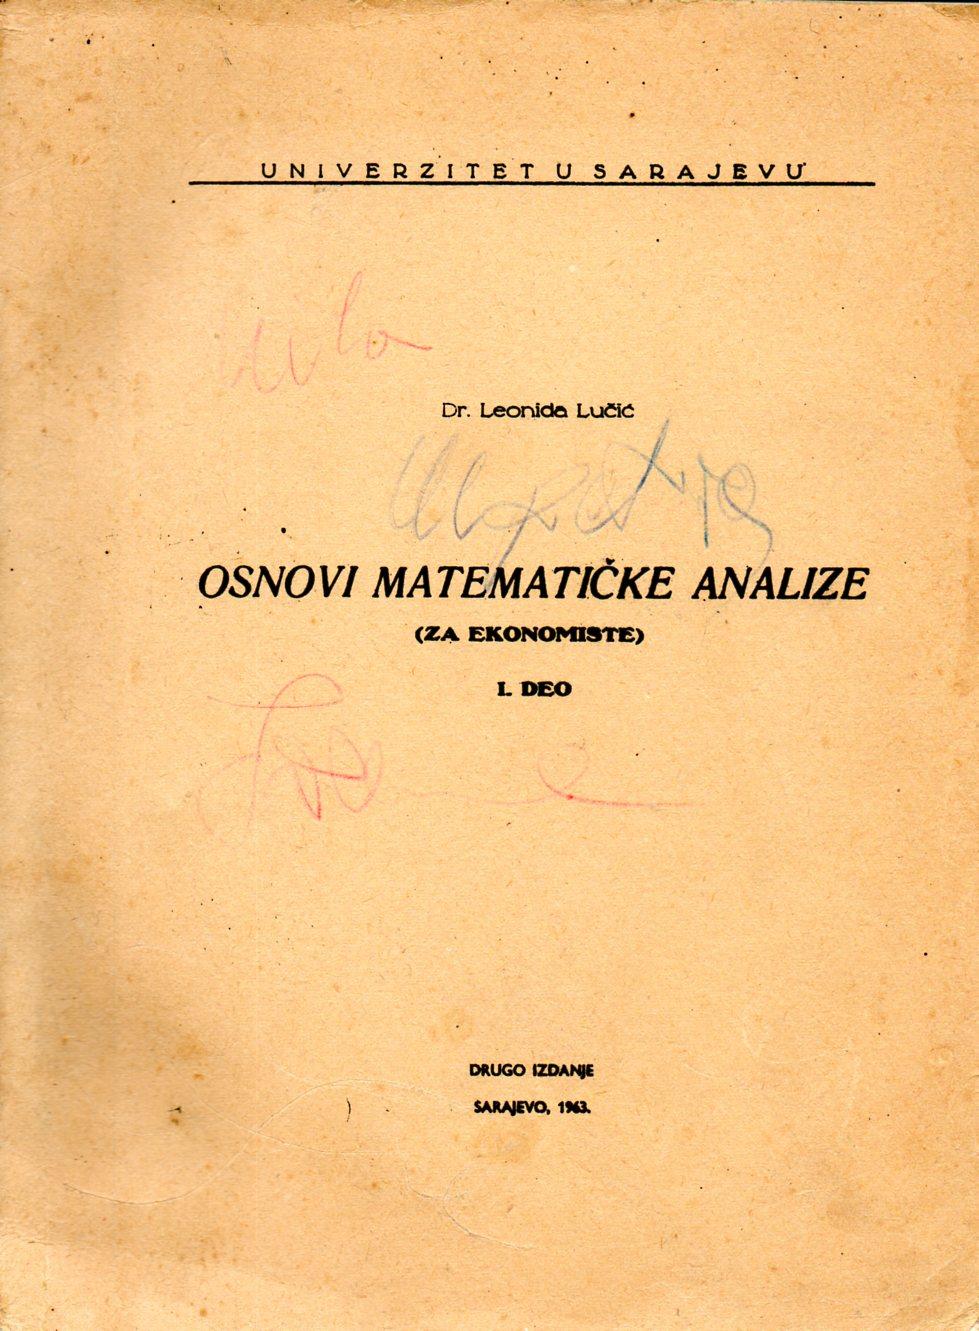 Leonida Lučić: OSNOVI MATEMATIČKE ANALIZE (za ekonomiste) I.